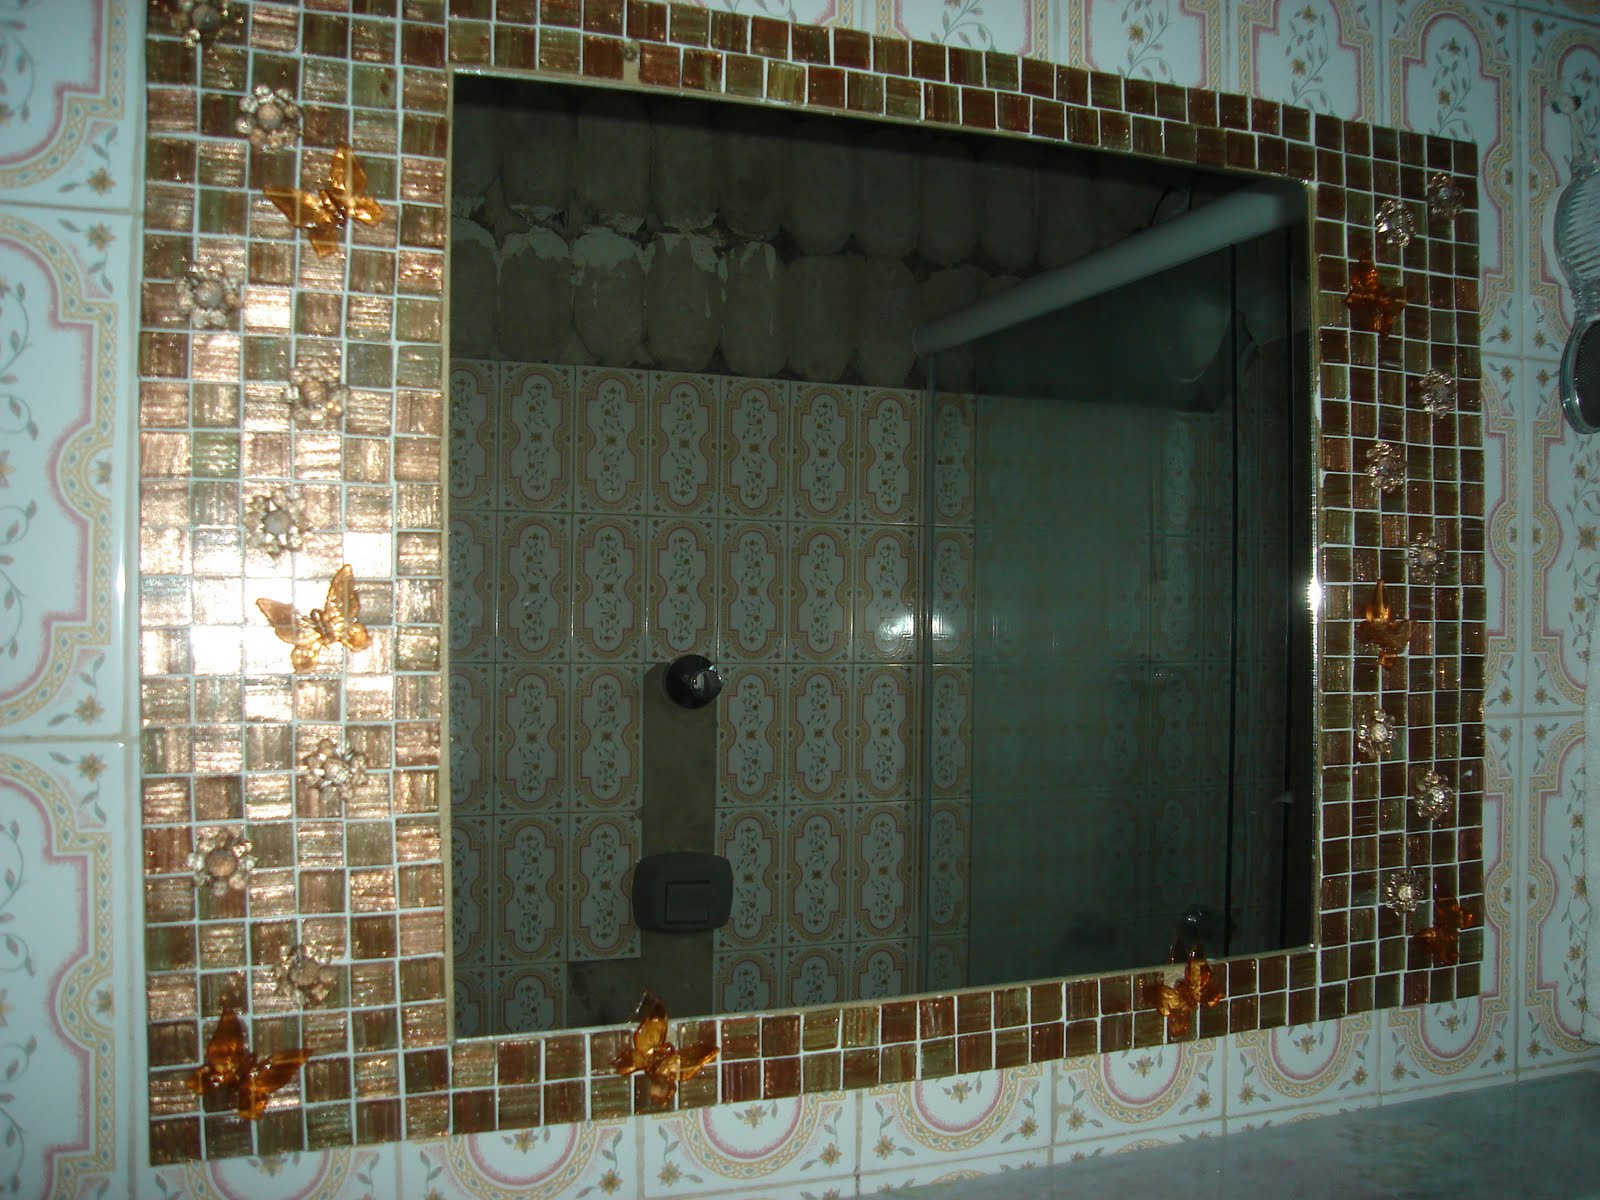 Arteirices da Beth: Mosaico em espelhos #60492C 1600x1200 Banheiro Com Pastilha Espelho